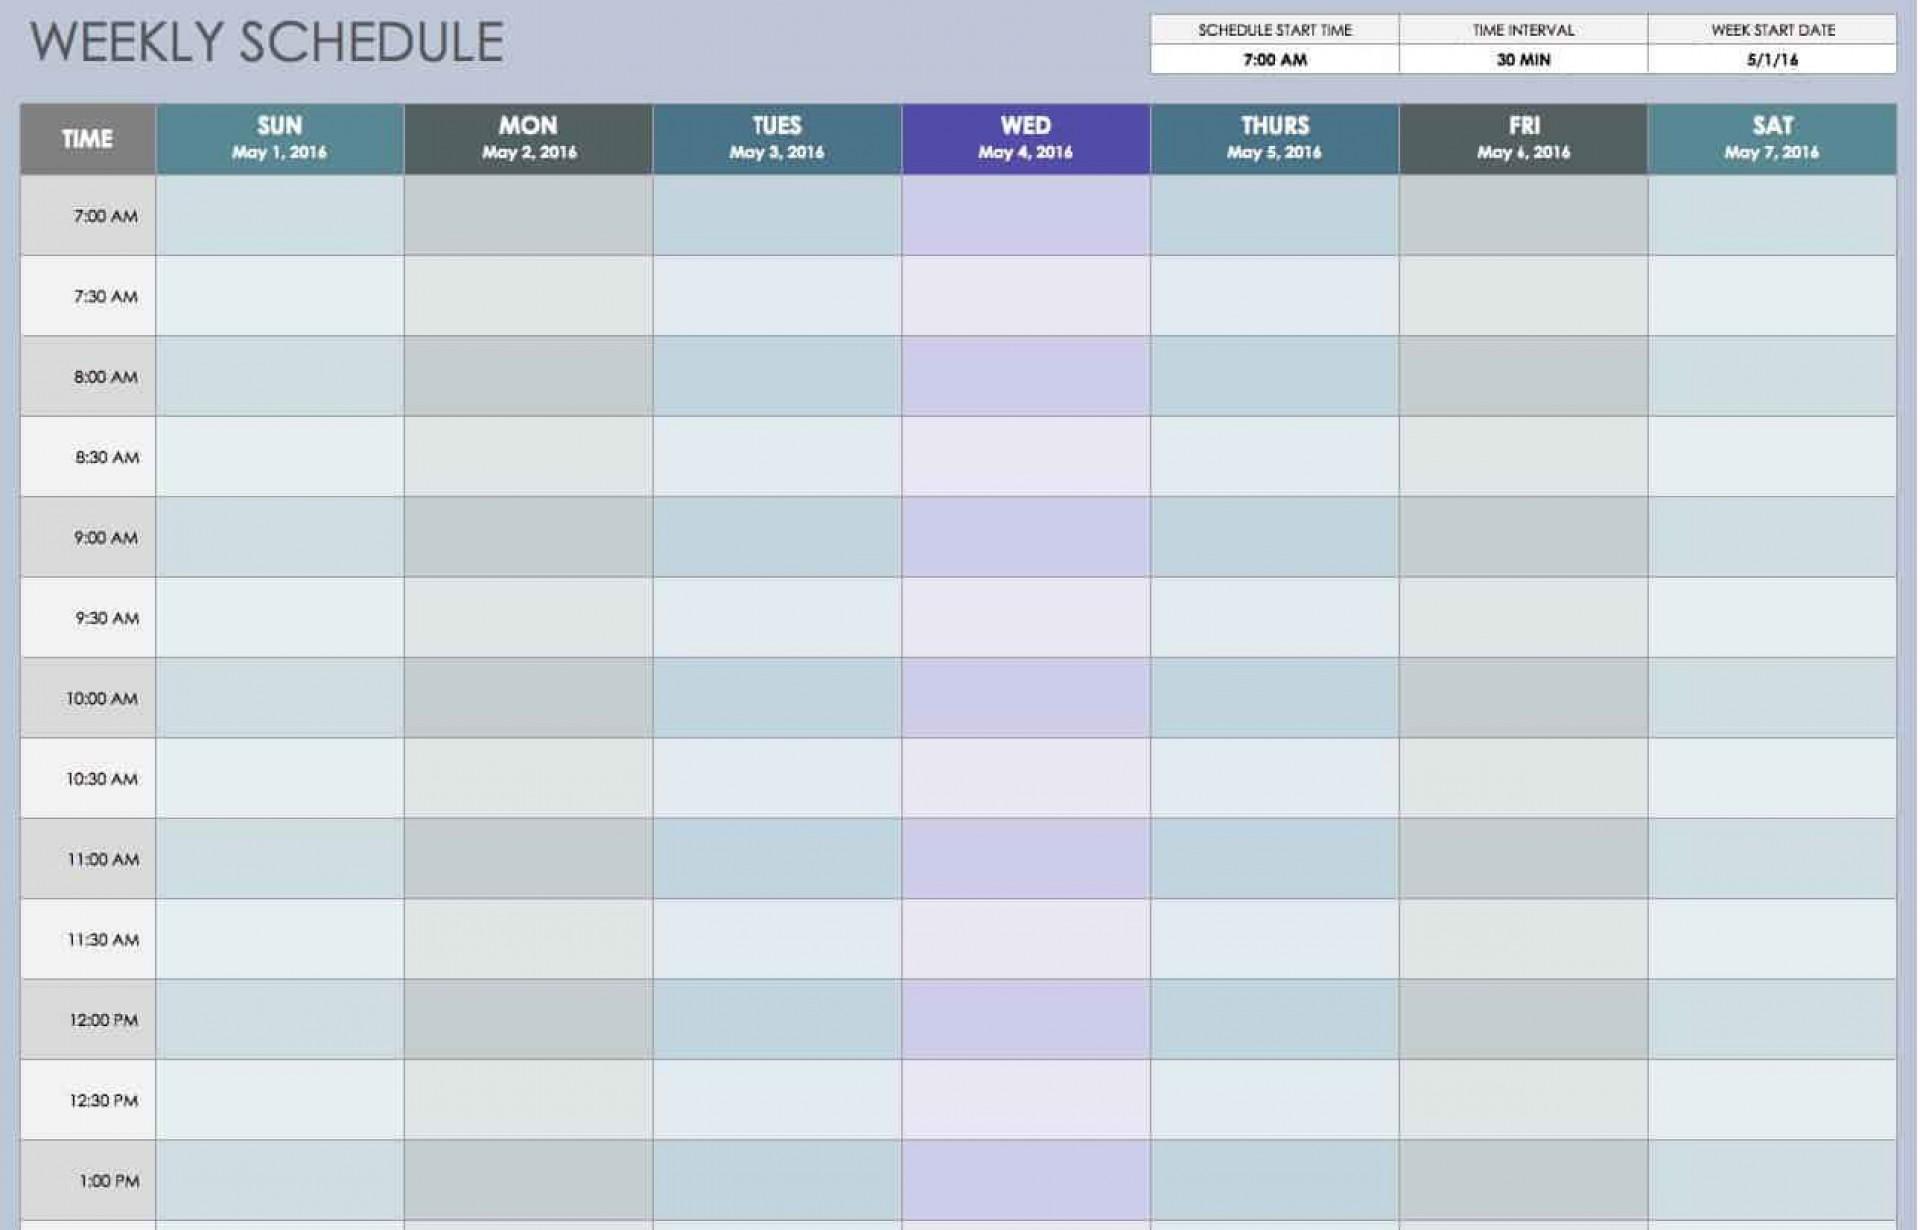 009 Wondrou Excel Work Planner Template Idea  Microsoft Monthly Schedule Plan Scheduling1920